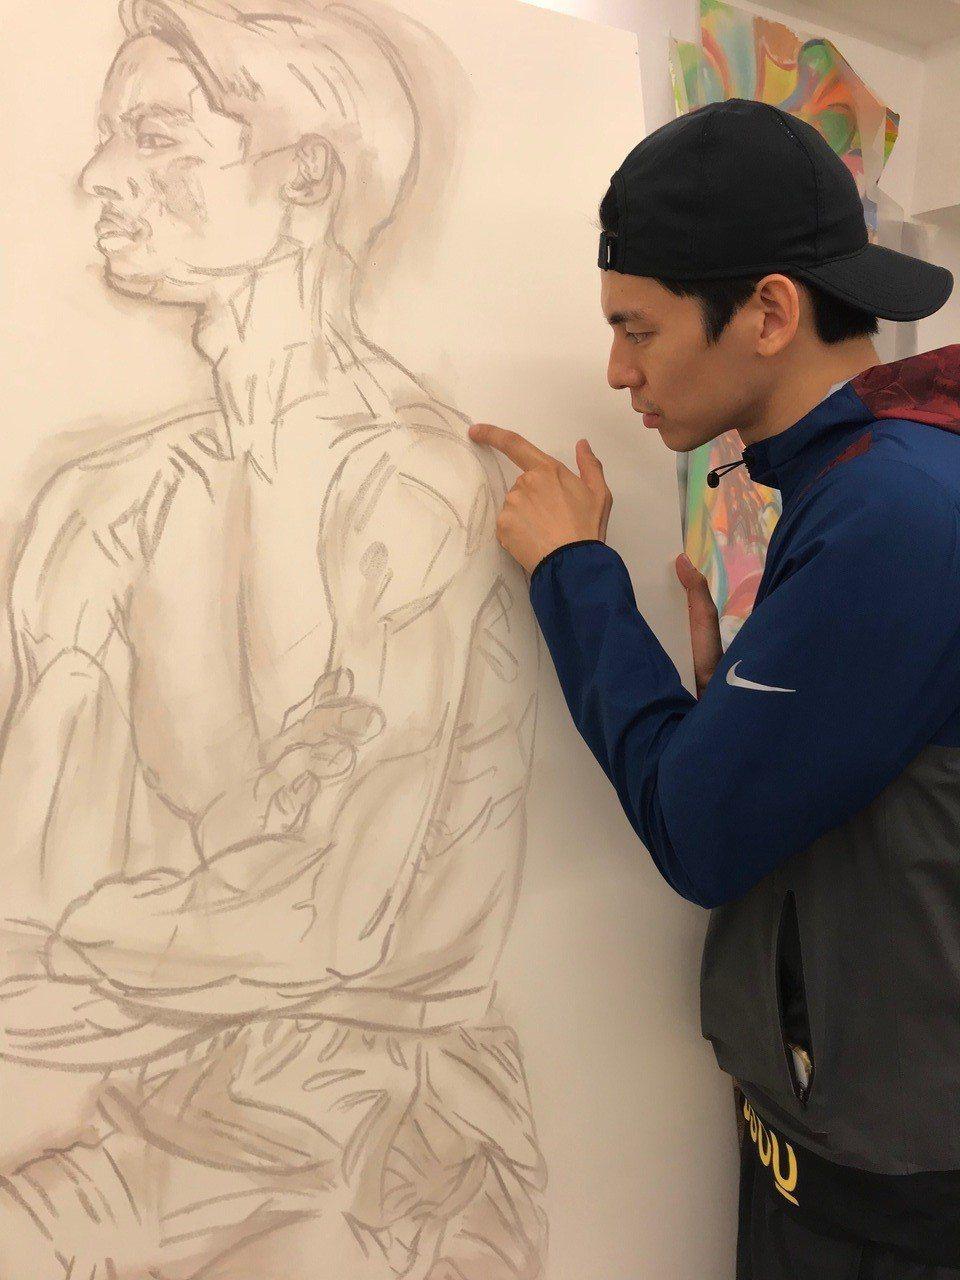 林柏宏裸身讓曲家瑞作畫。圖/周子娛樂提供